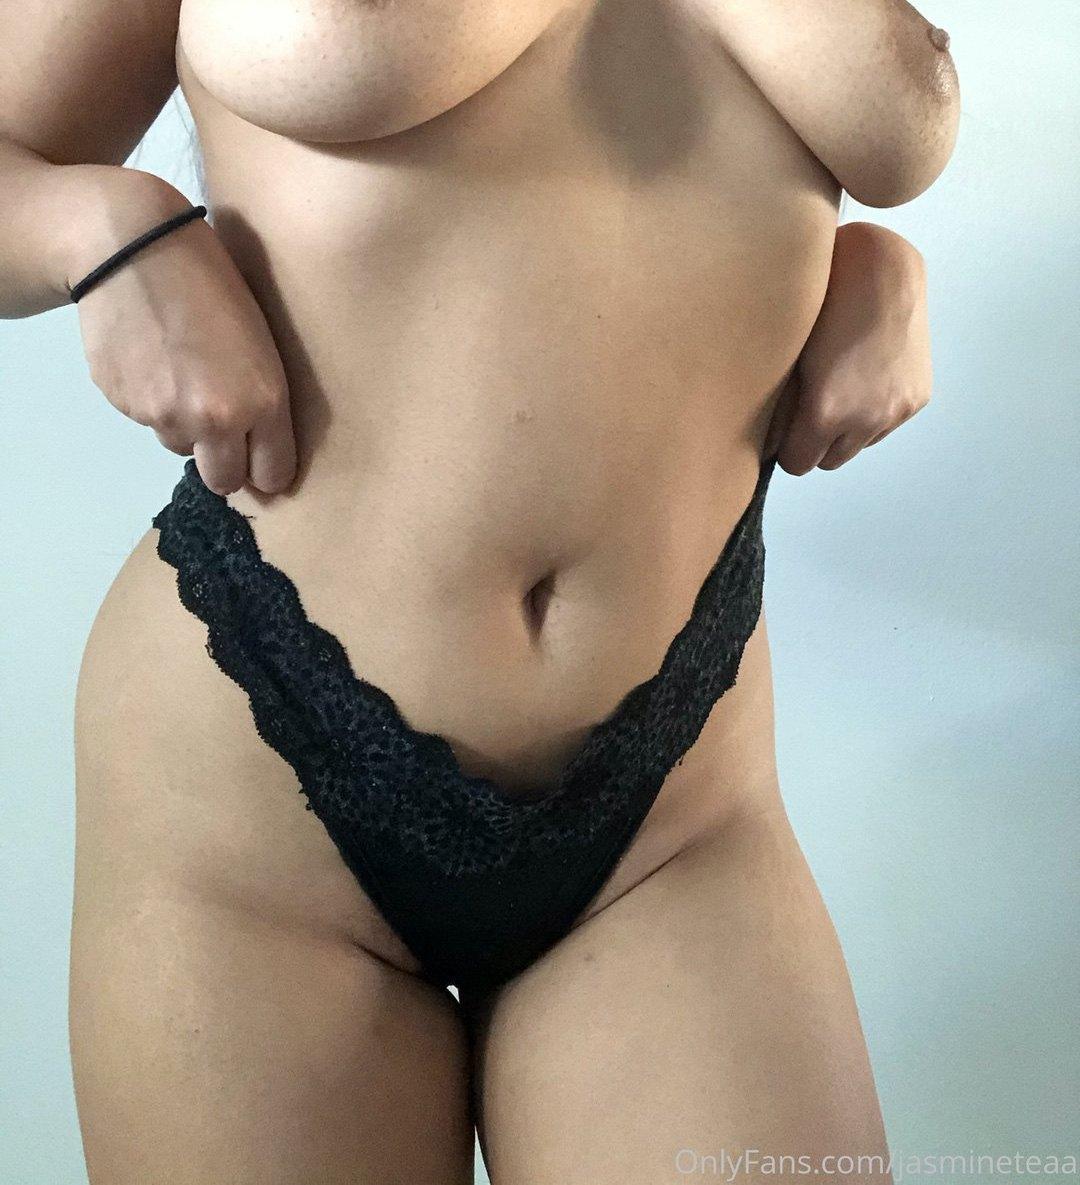 Jasmine Teaa Jasmineteaa Onlyfans Nudes Leaks 0013